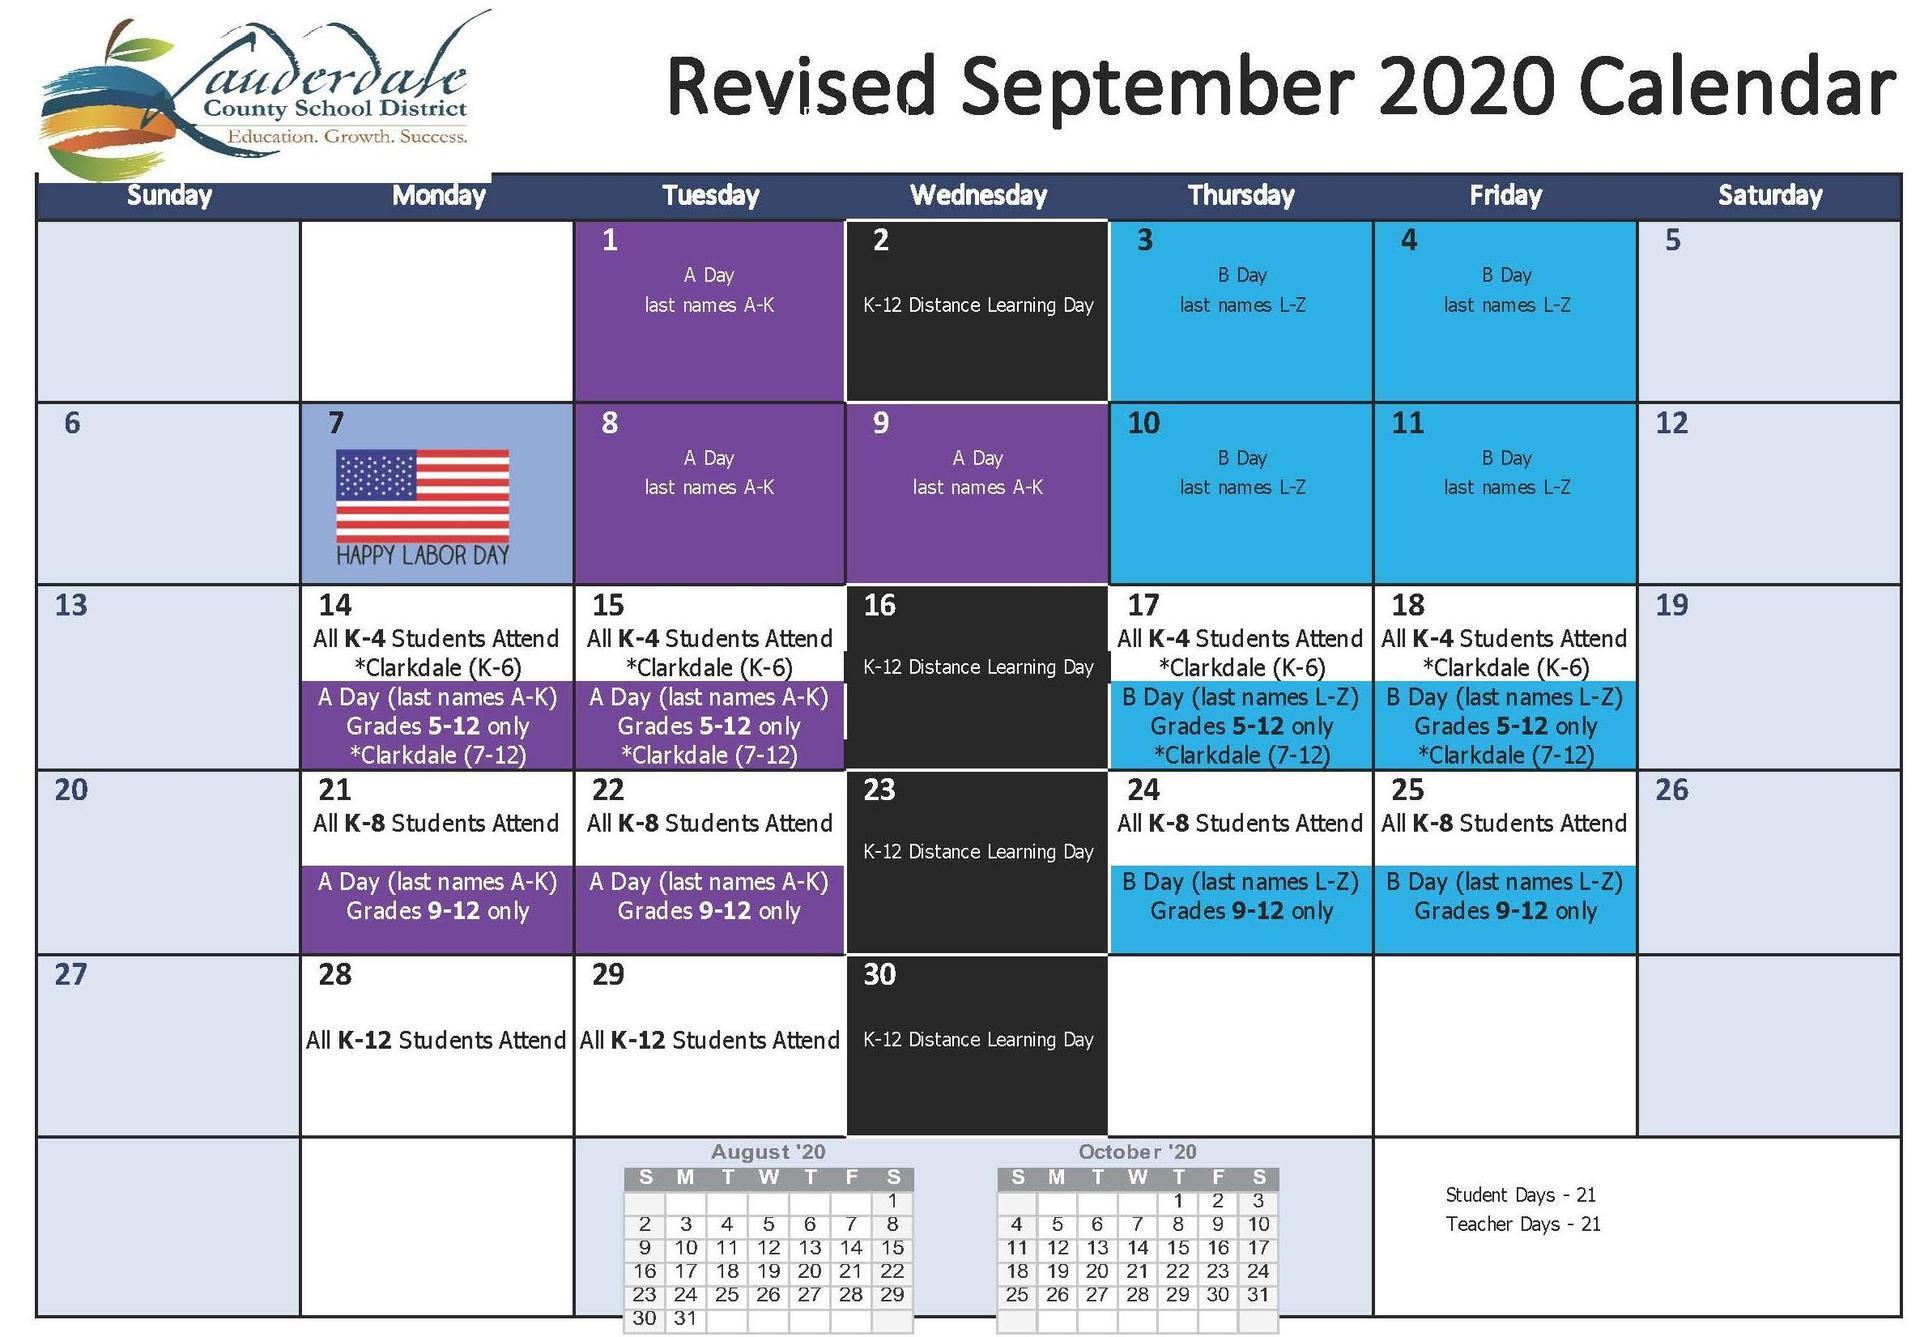 Revised September 2020 Calendar